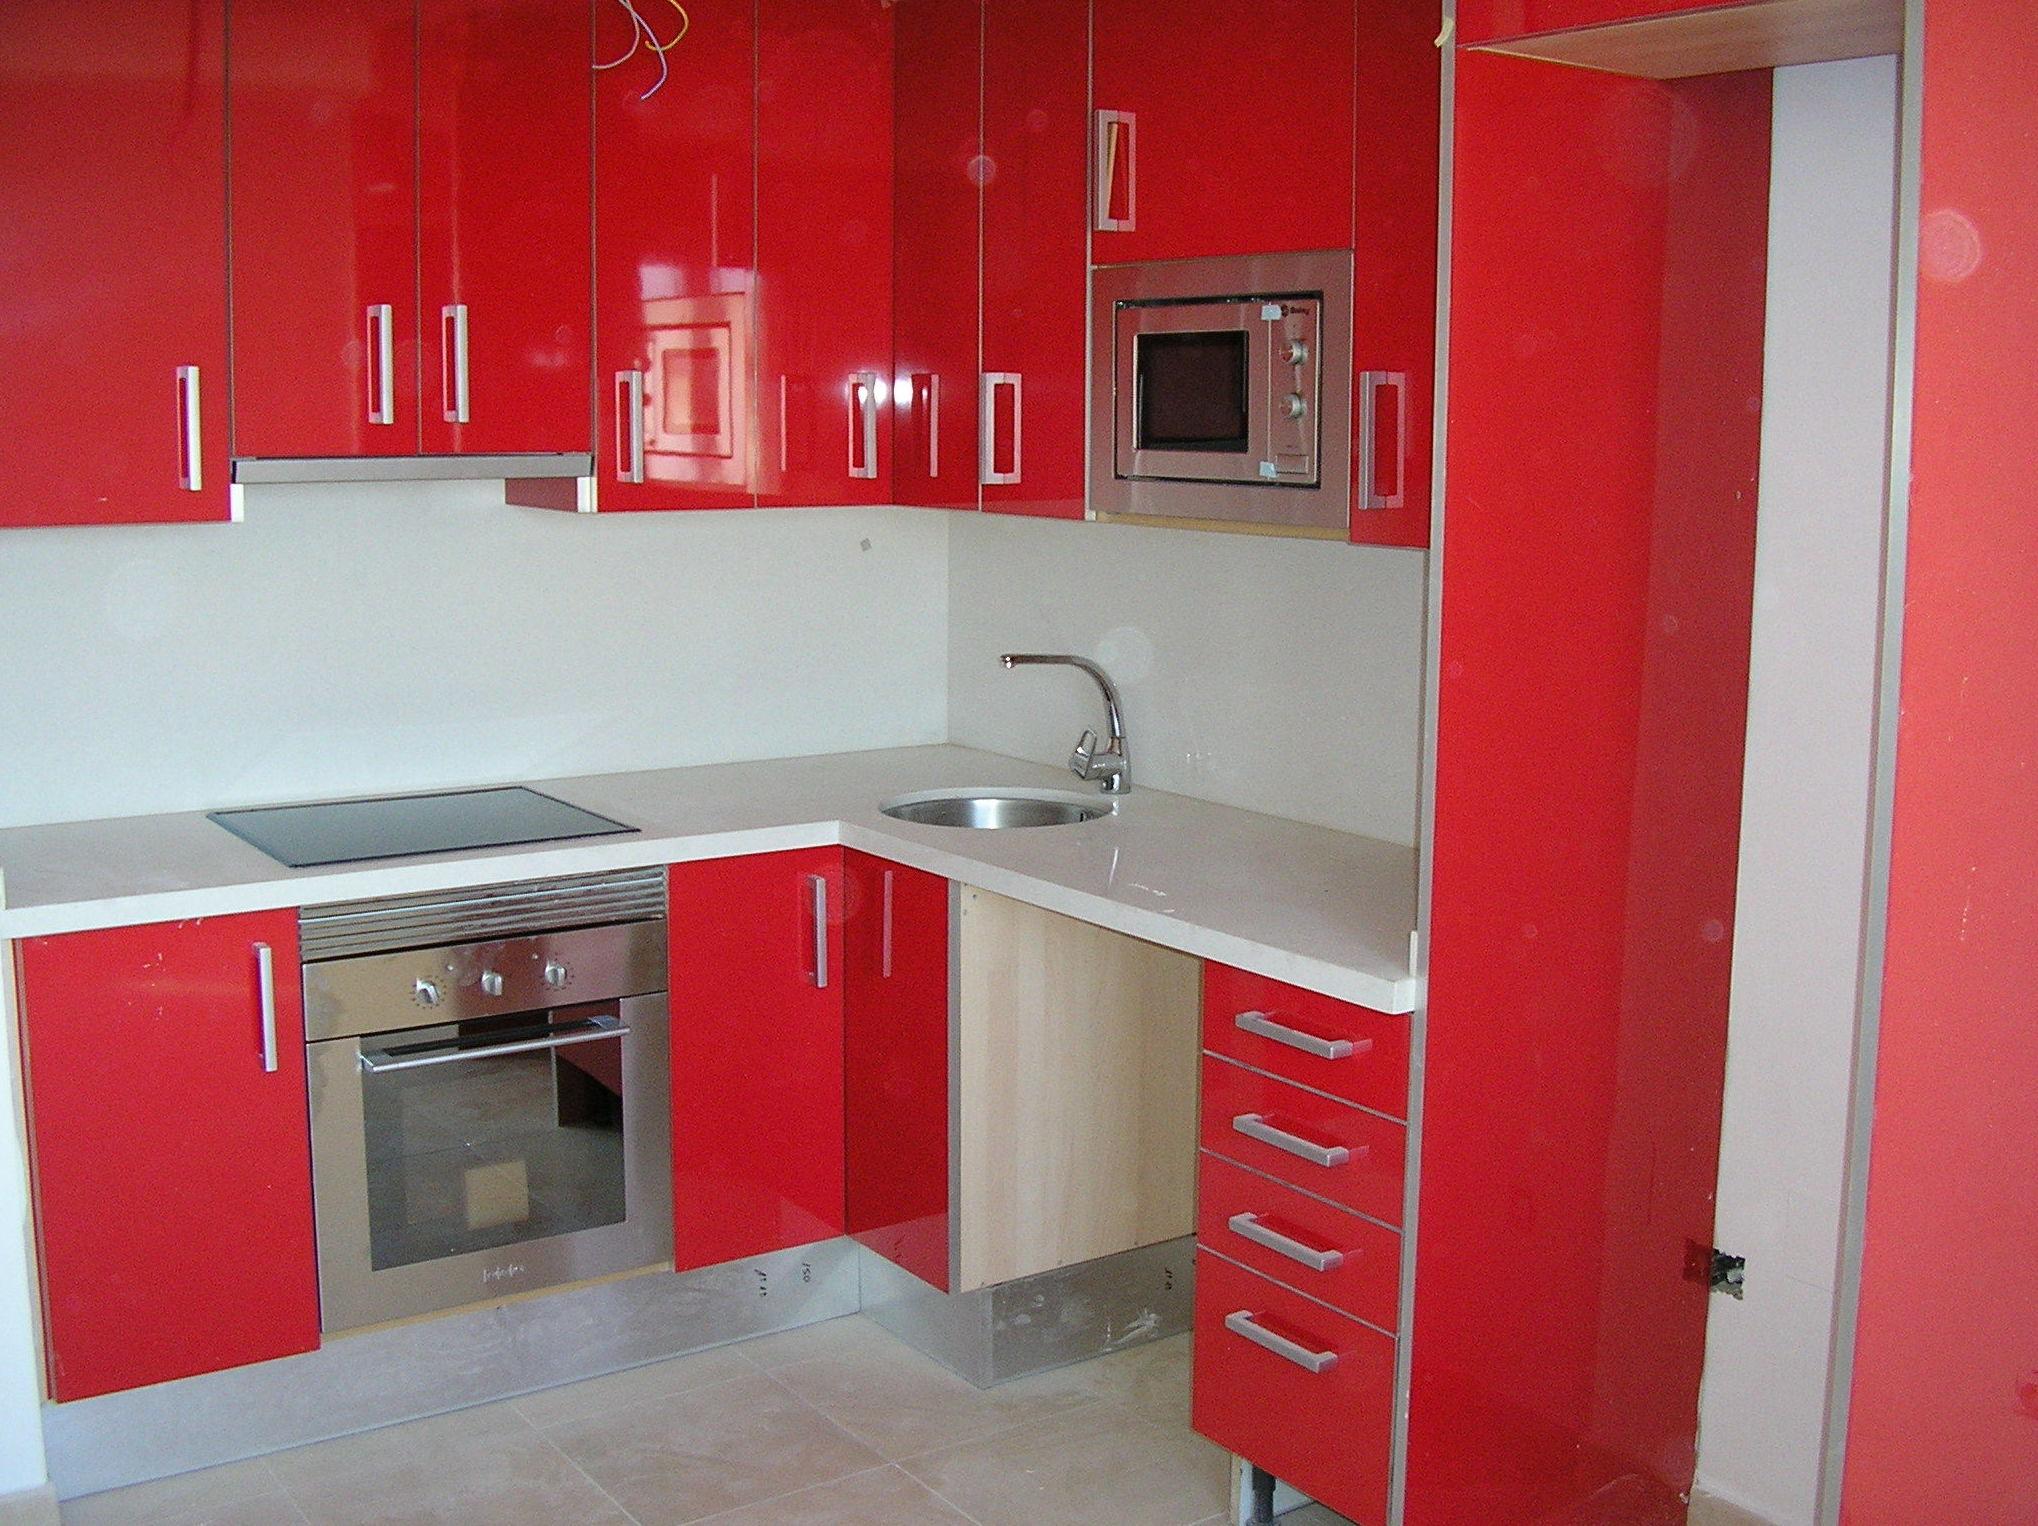 Montaje de cocinas: Trabajos  de Aluminismanresa